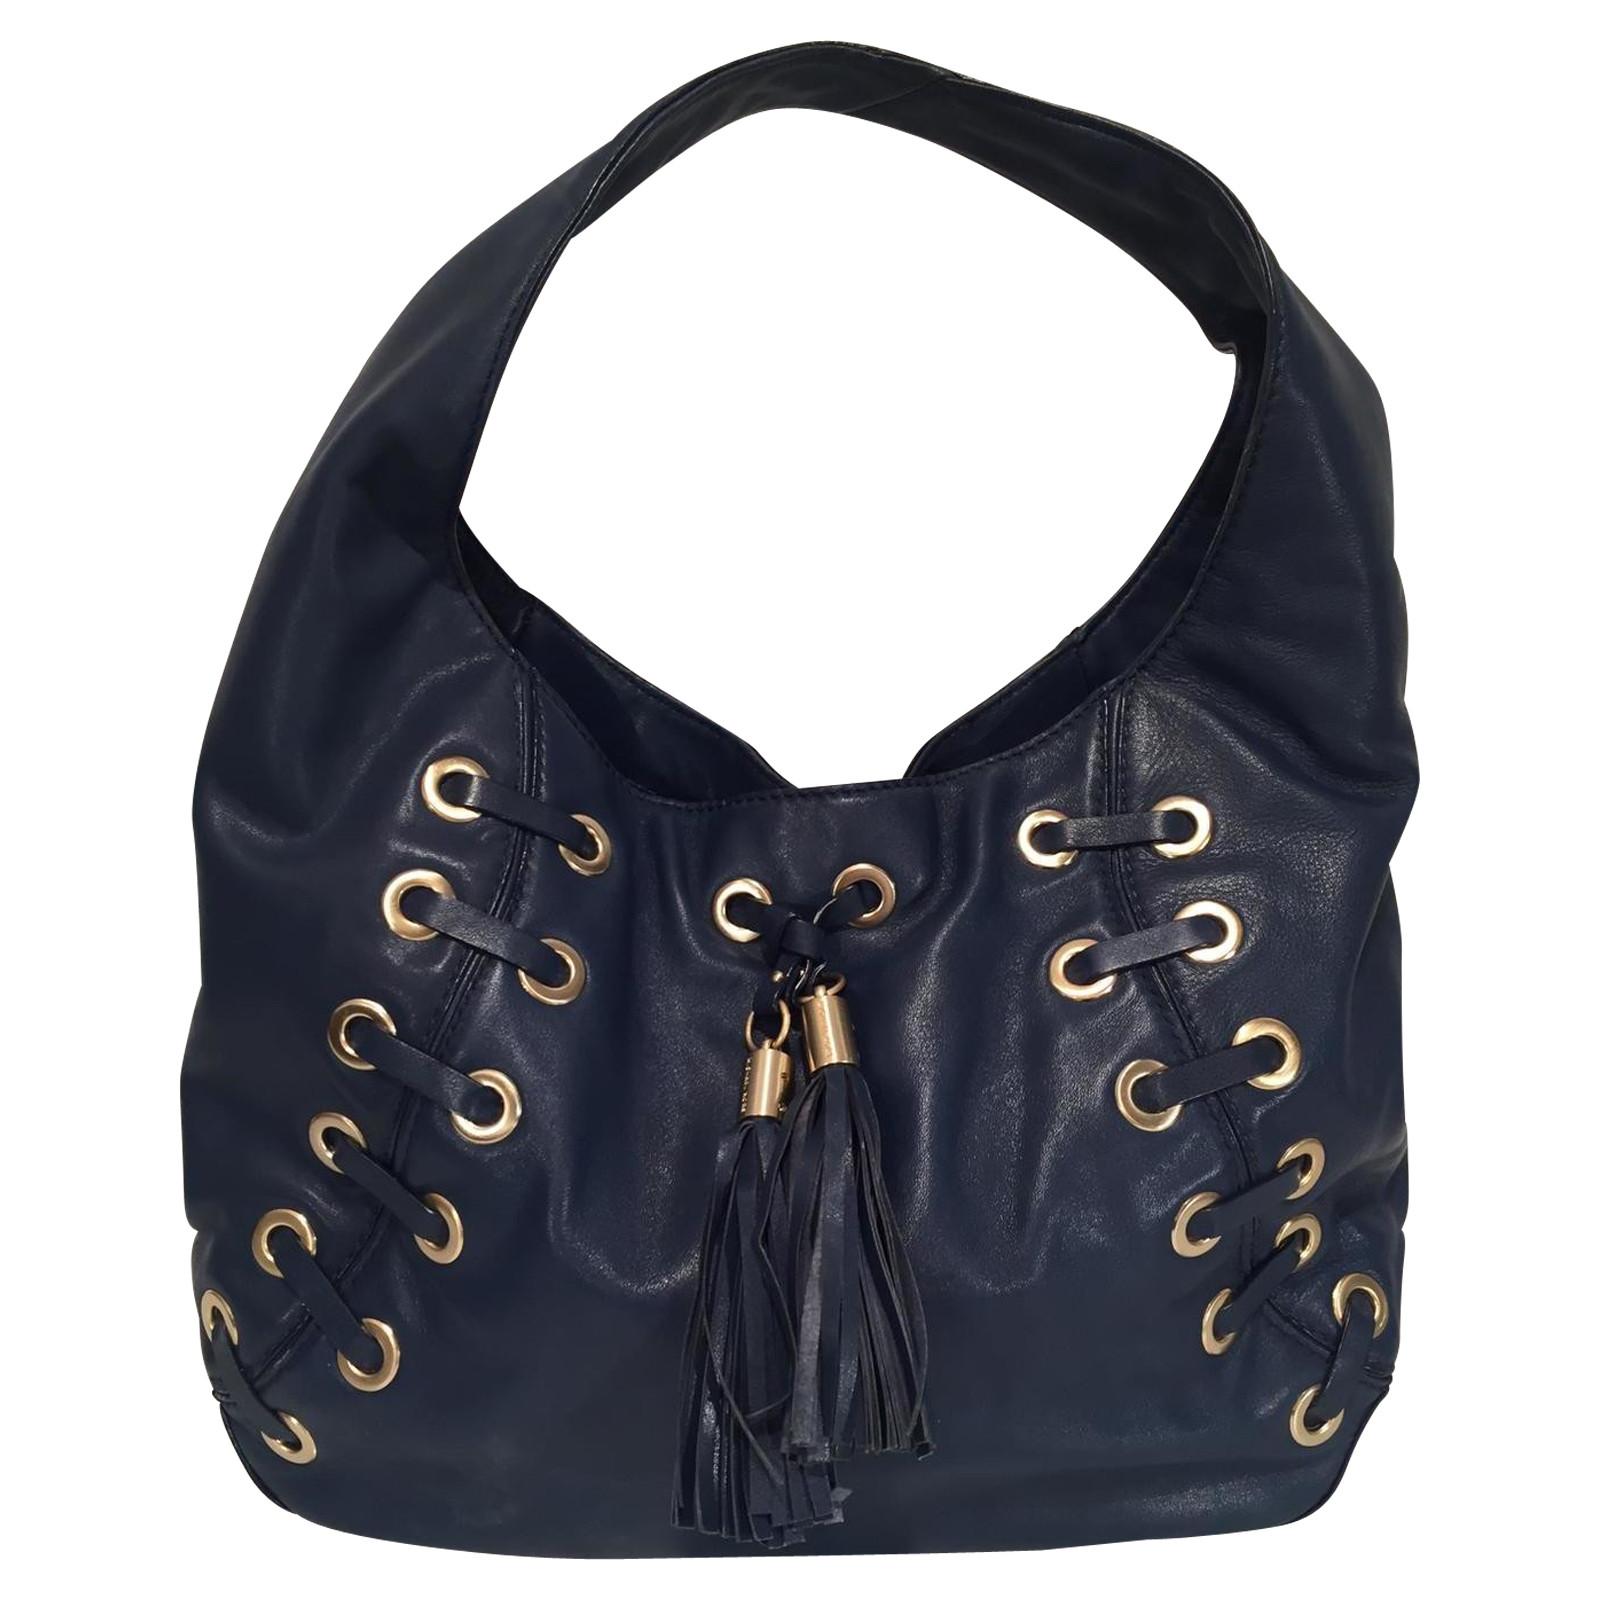 Michael Kors Handtasche Blau kaufen zum besten Preis